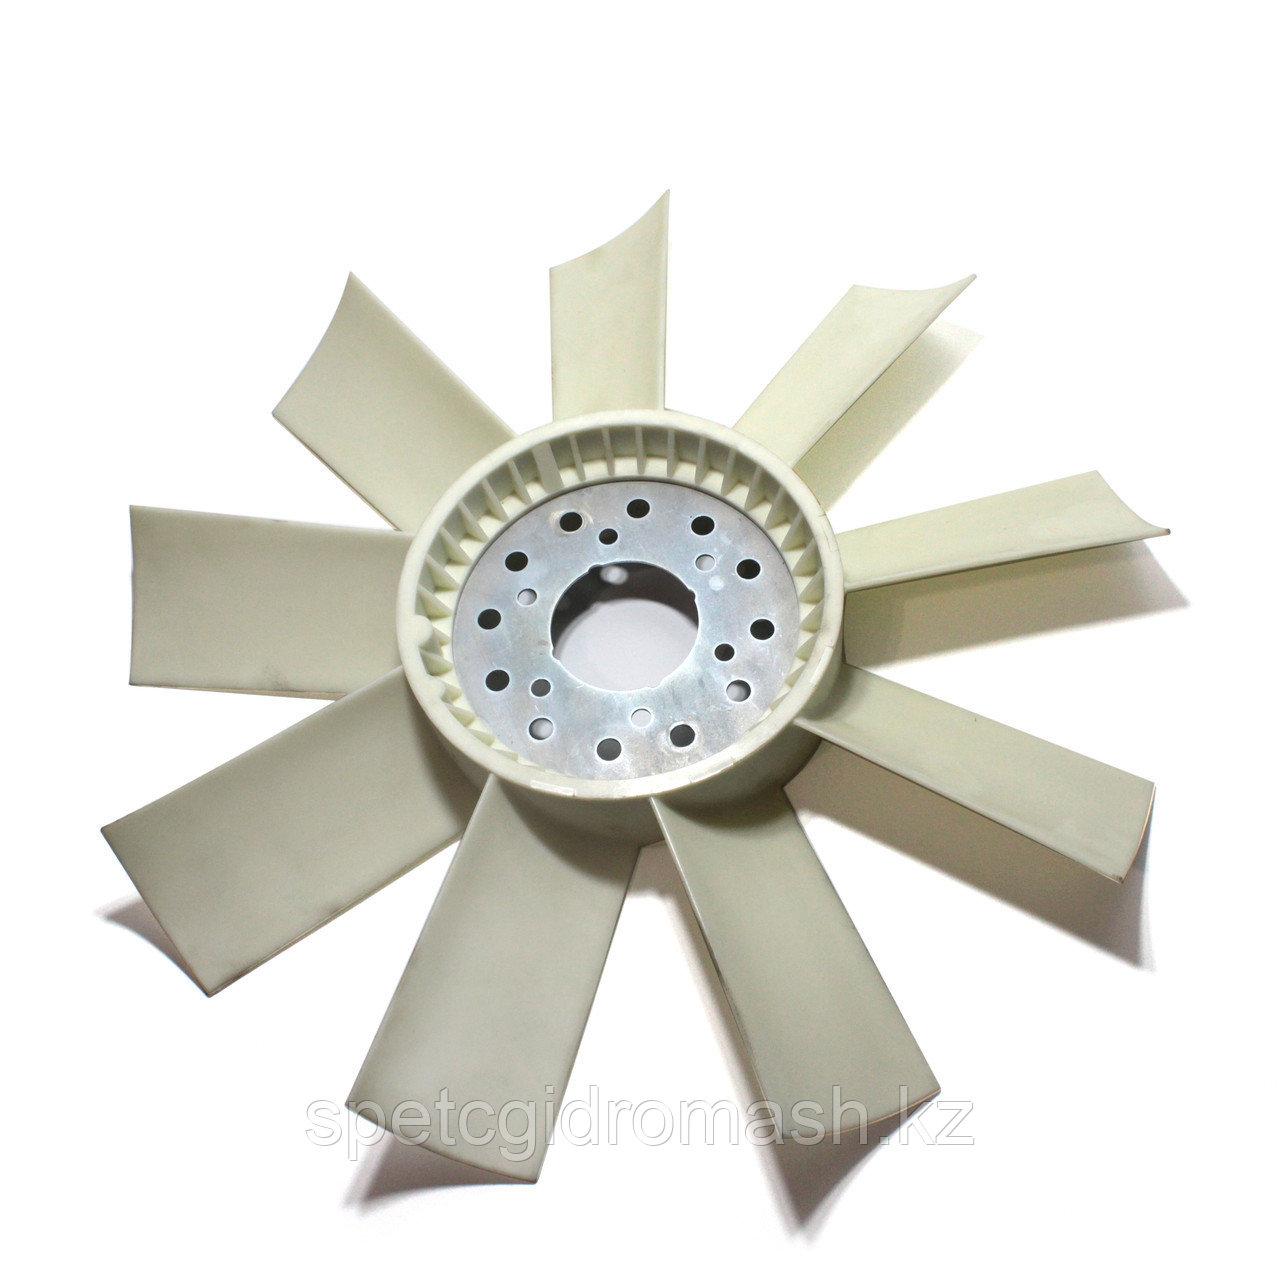 Вентилятор МТЗ-1221 (9 лопастей.) металлическая